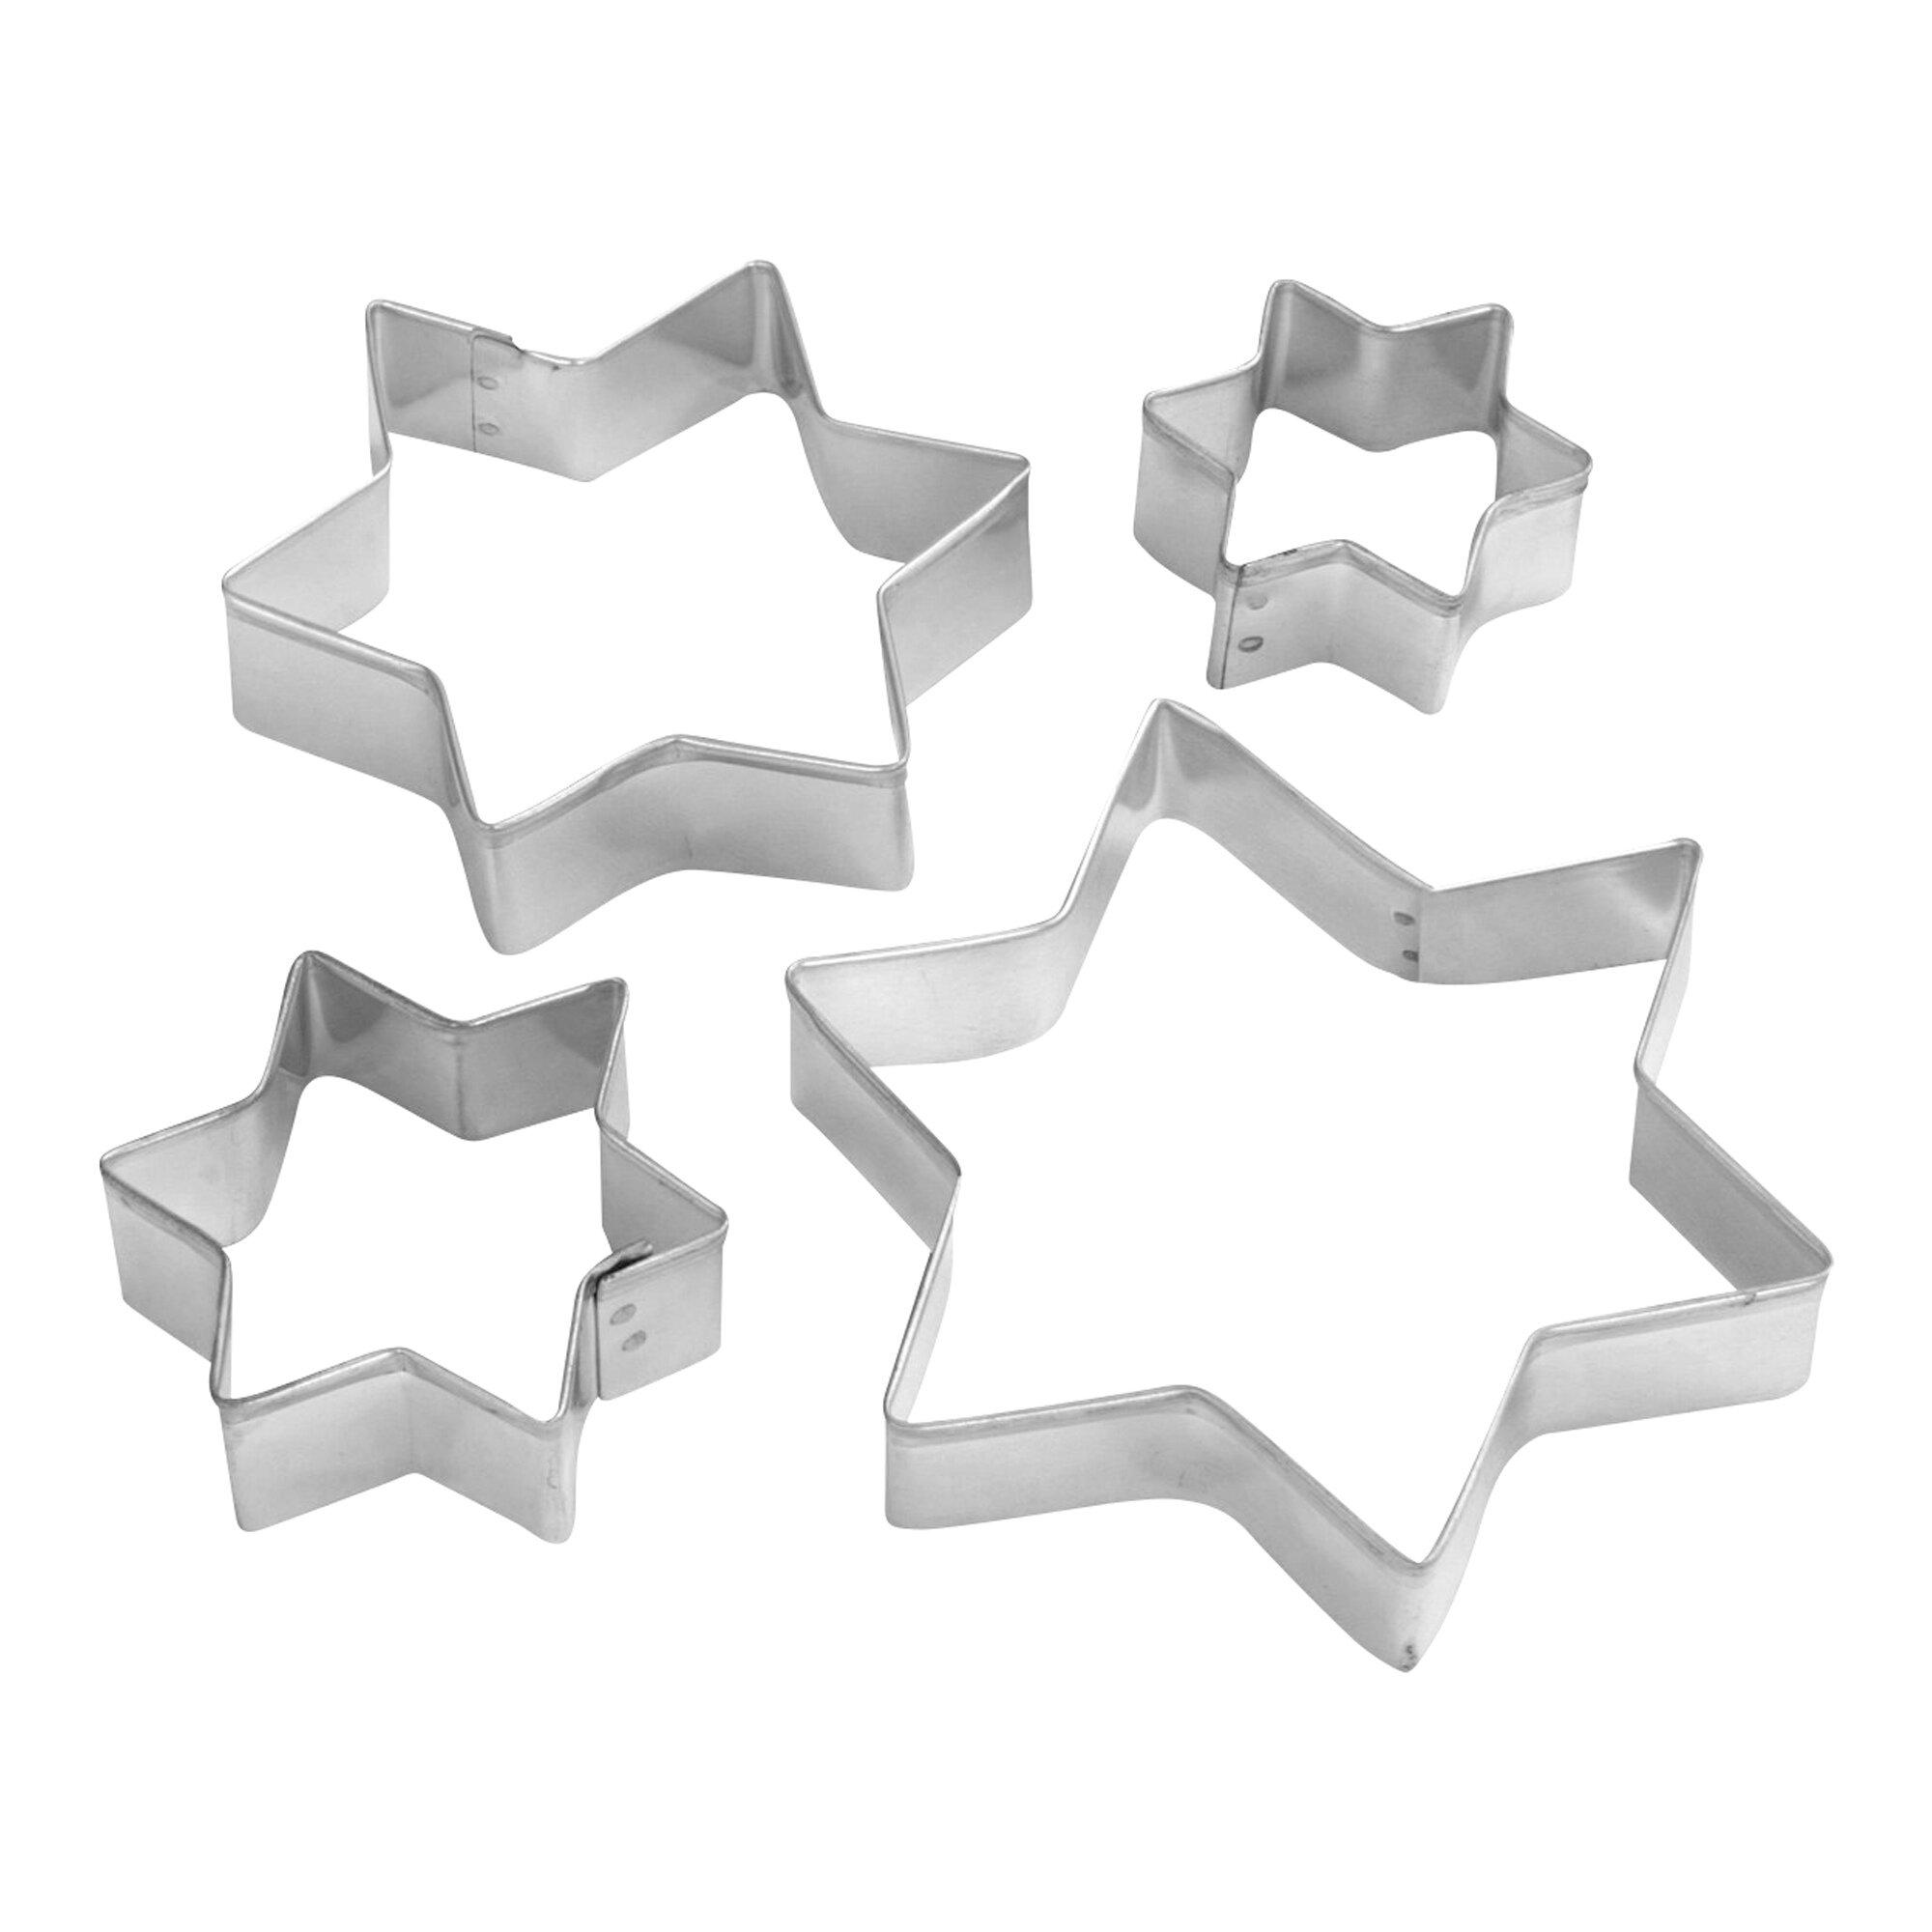 Image of Patisserie Ausstechformen Sterne, 4 Stück